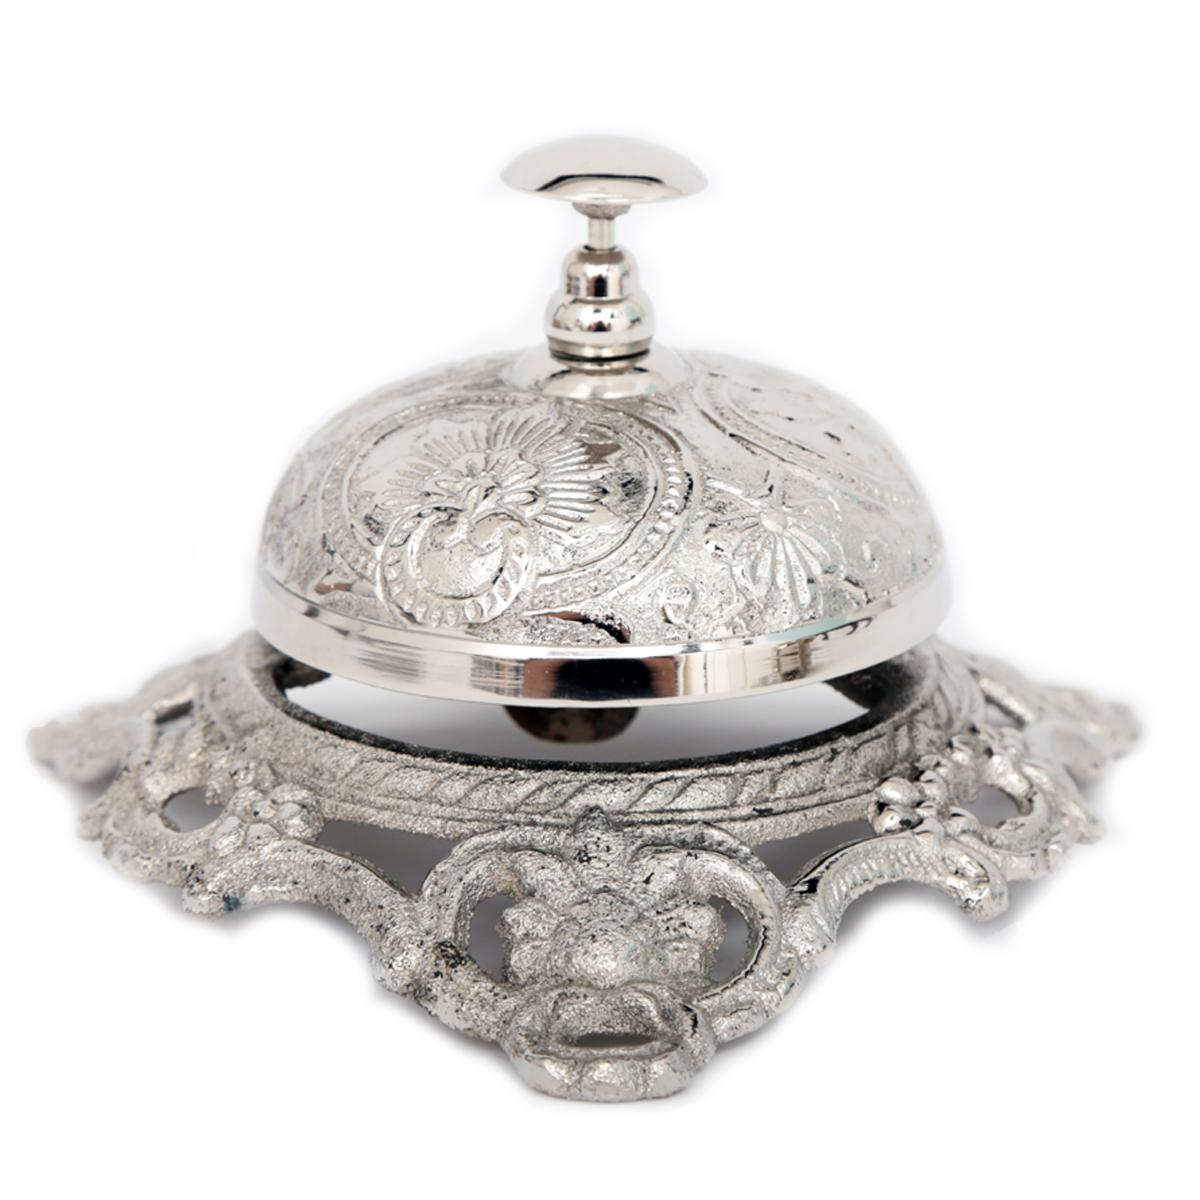 Cloche de Service vintage \'Empire\' argenté vieilli - 8x14 cm - [A3097]